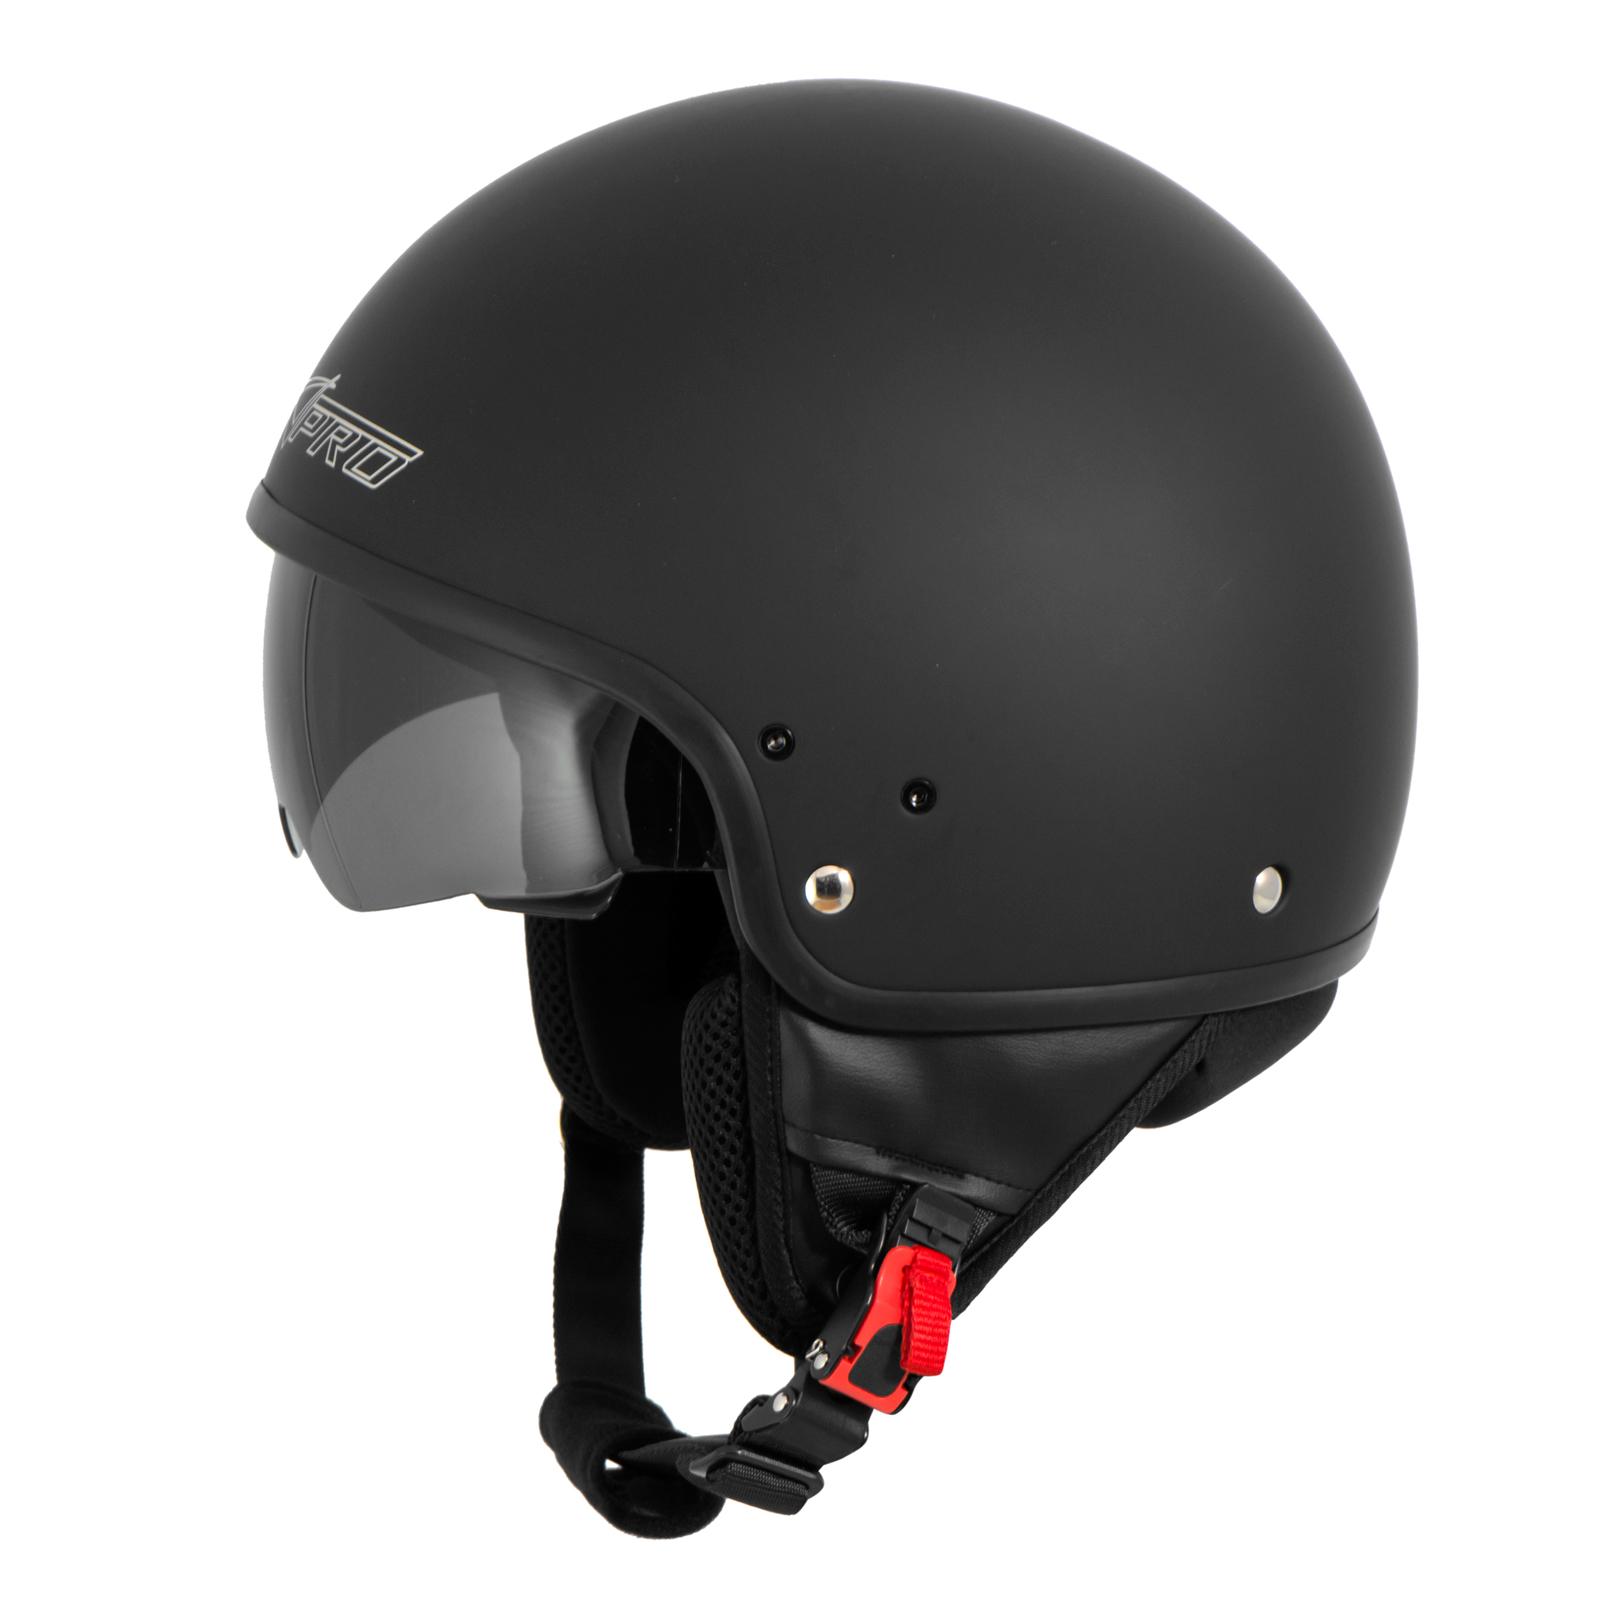 Casque-Moto-Scooter-Vespa-Jet-Visiere-pare-soleil-ECE-22-Blanc-SonicMoto miniature 9